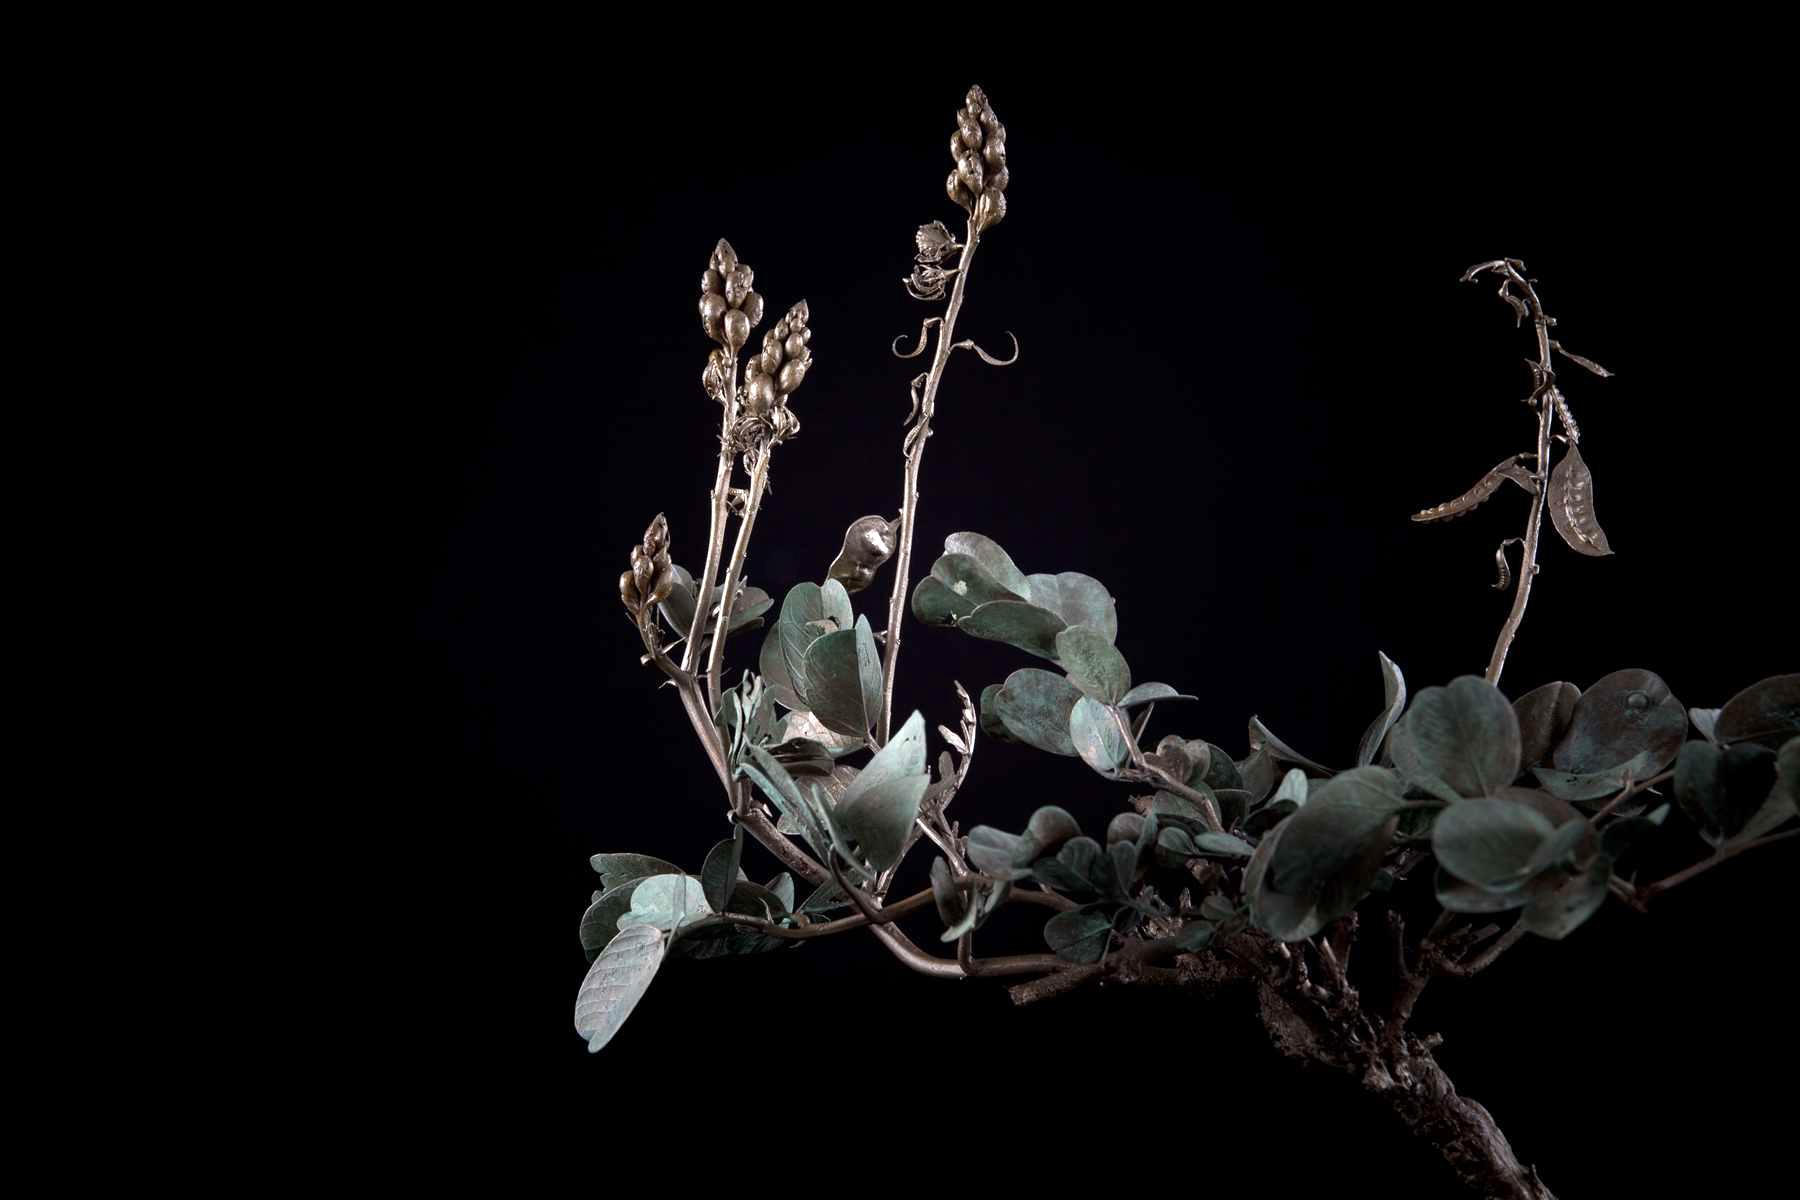 NicBladen_Botanicals_Wild Senna, Swartstorm, Sebete -243.jpg